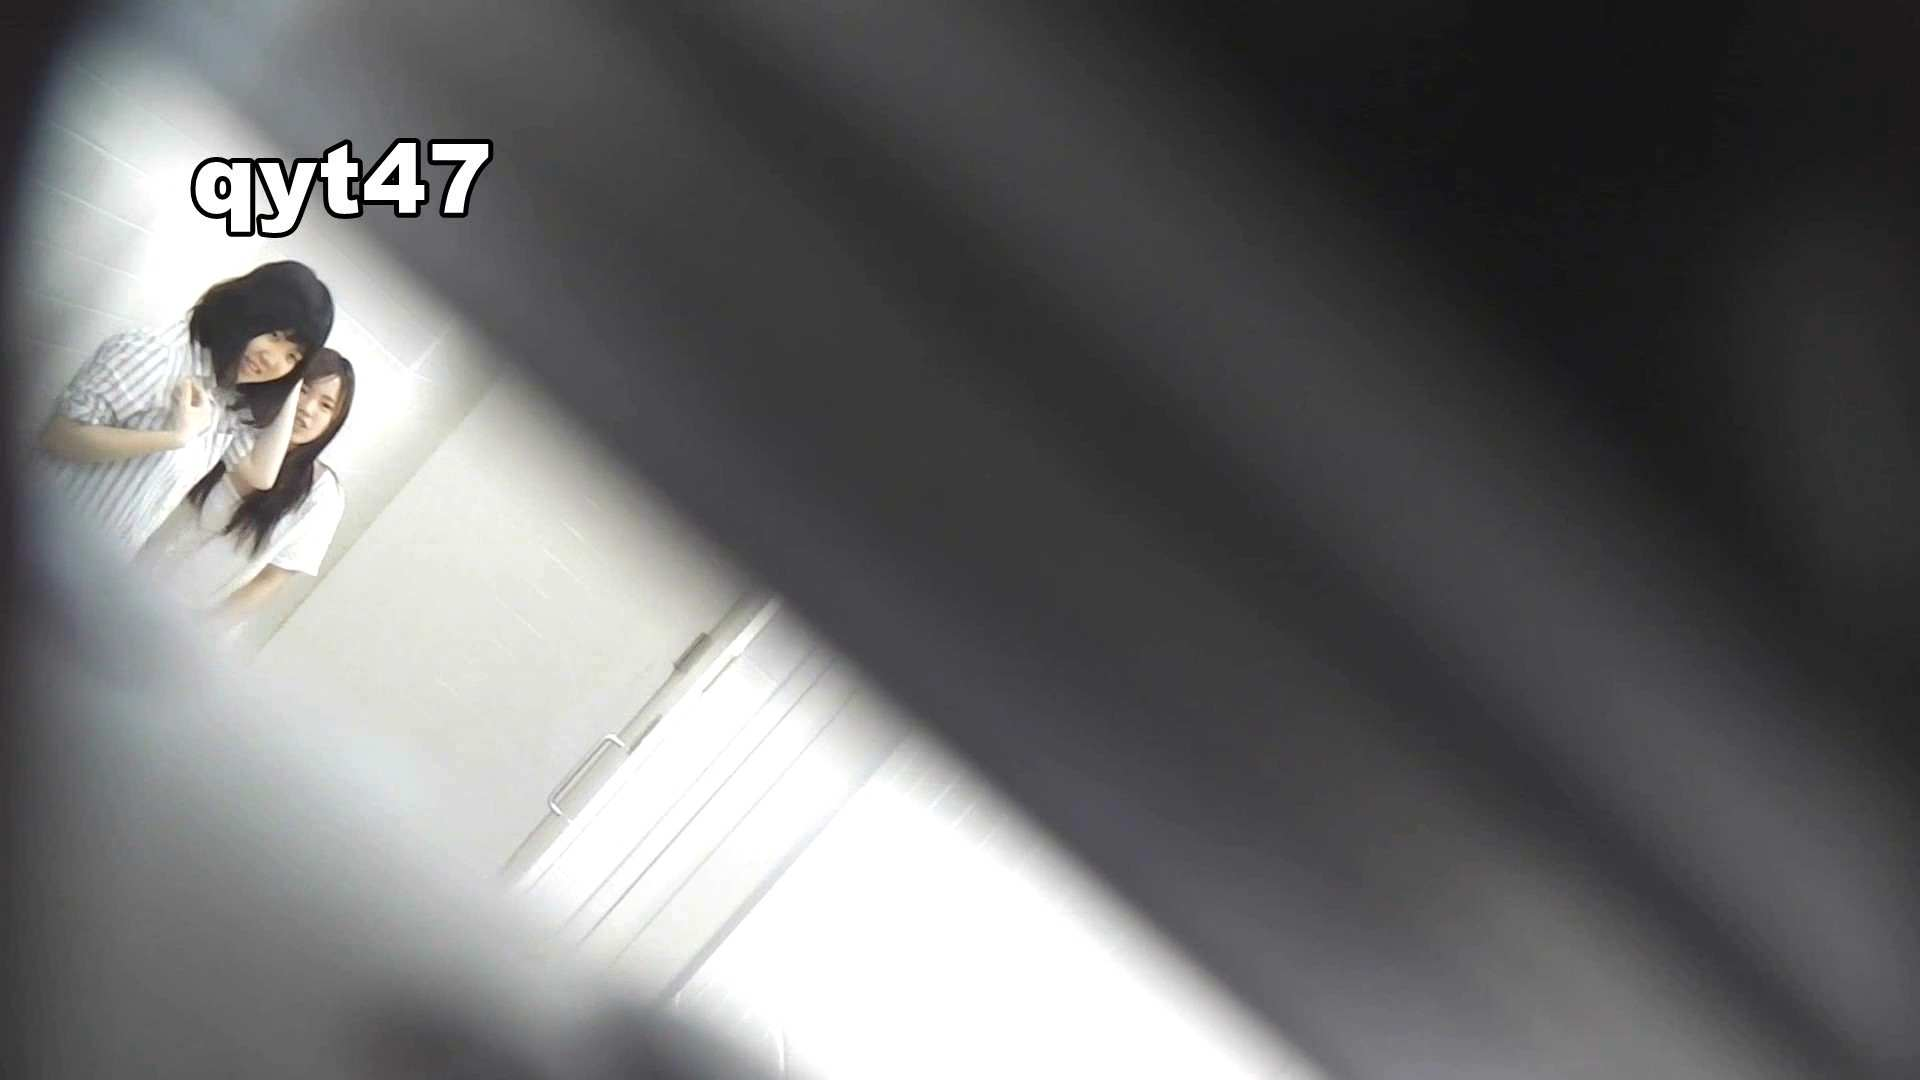 巨乳おまんこ:お銀さんの「洗面所突入レポート!!」 vol.47 (⌒-⌒)キラッ♪:怪盗ジョーカー